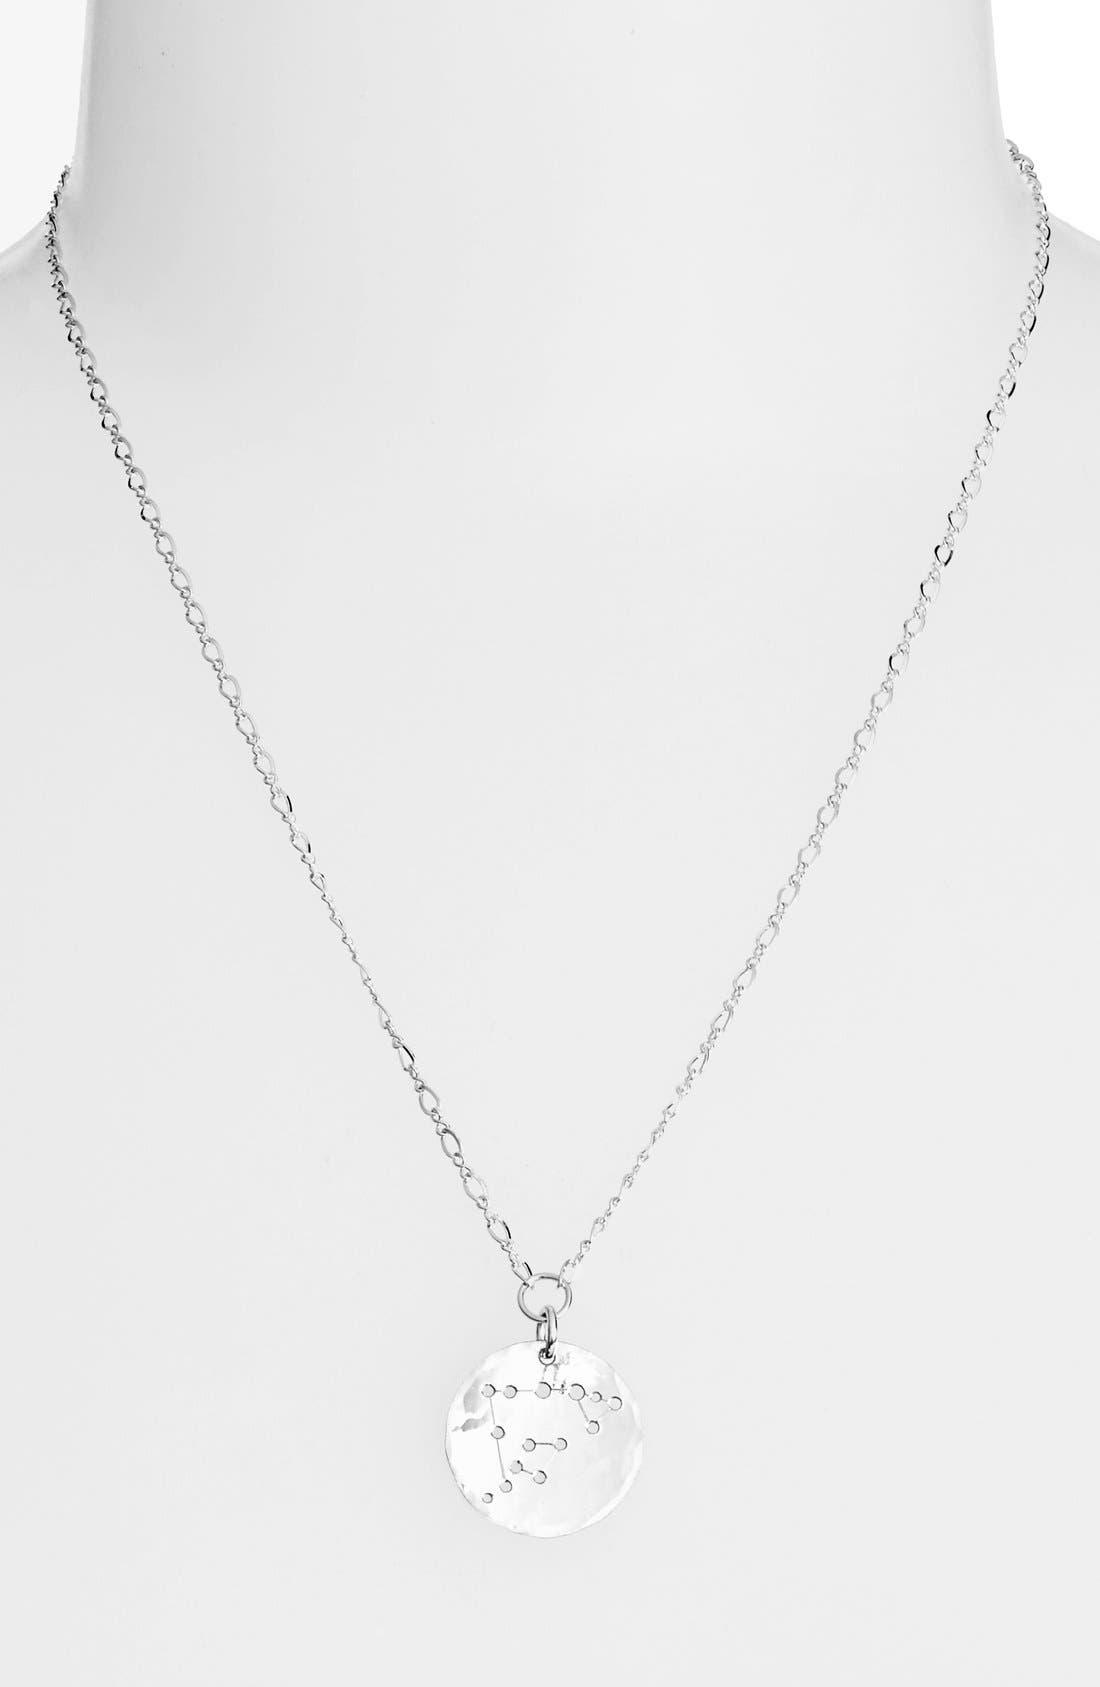 NASHELLE Ija 'Large Zodiac' Sterling Silver Necklace